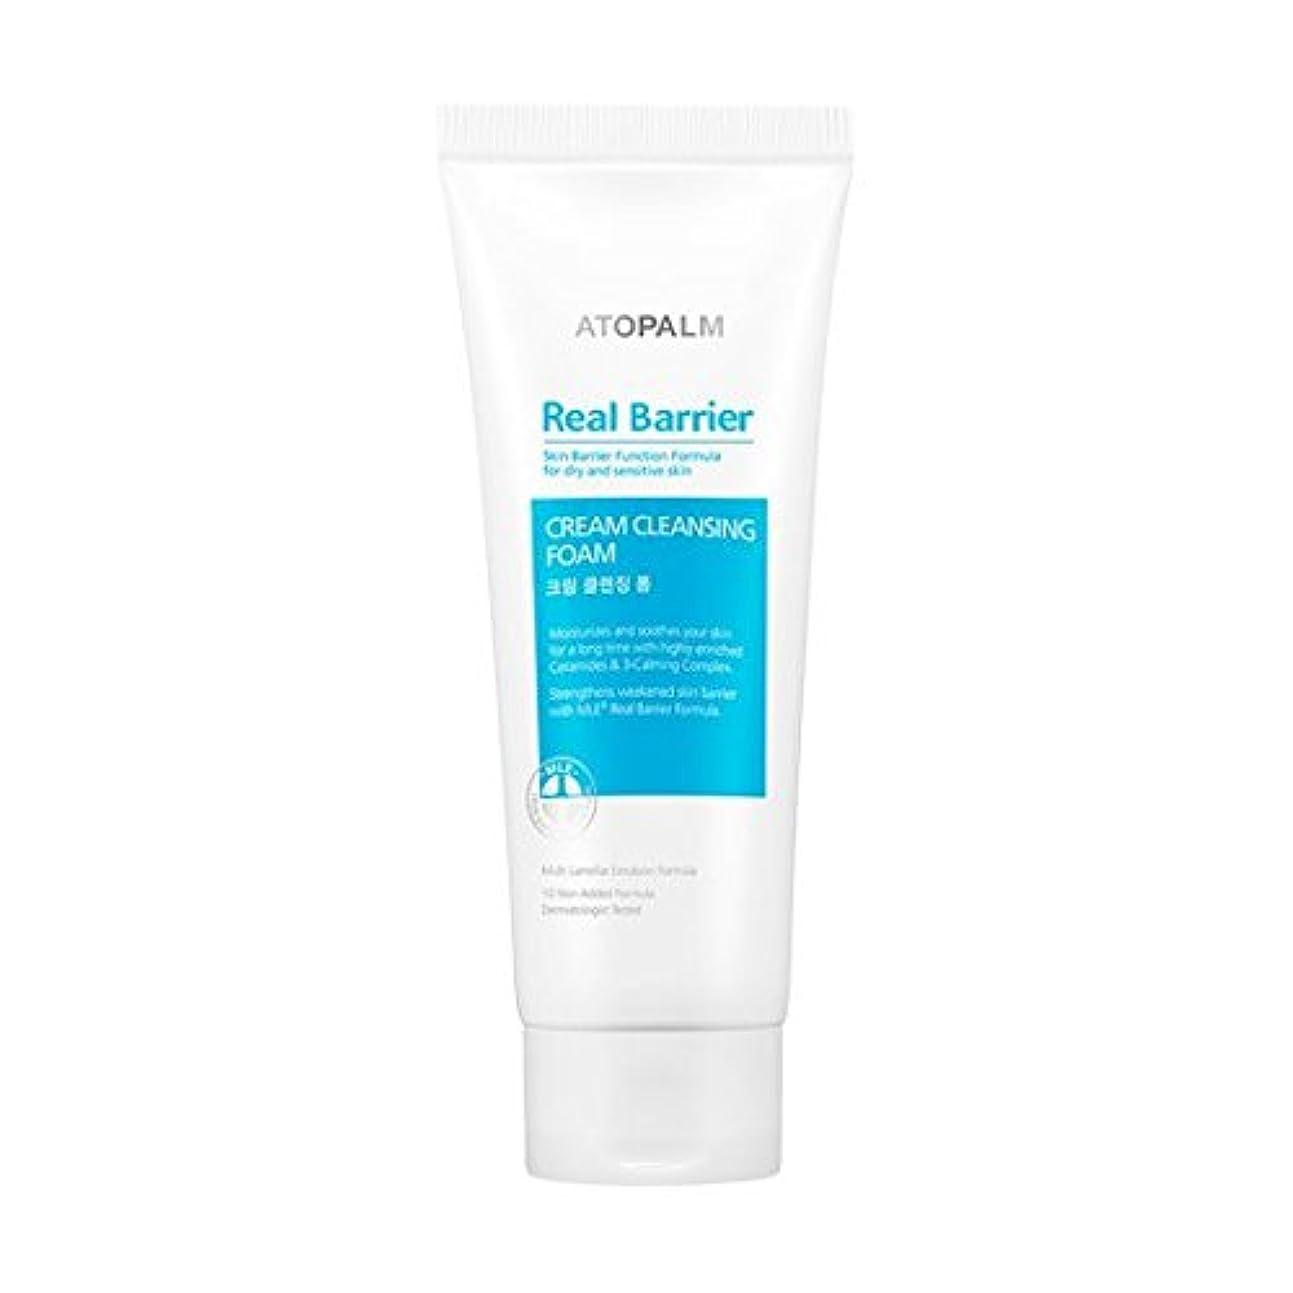 ケント最小勇気[Atopalm (韓国コスメ アトパーム)] Real barrier cream cleansing foam (150g) リアルバリアクリームクレンジング?フォーム[並行輸入品][海外直送品]